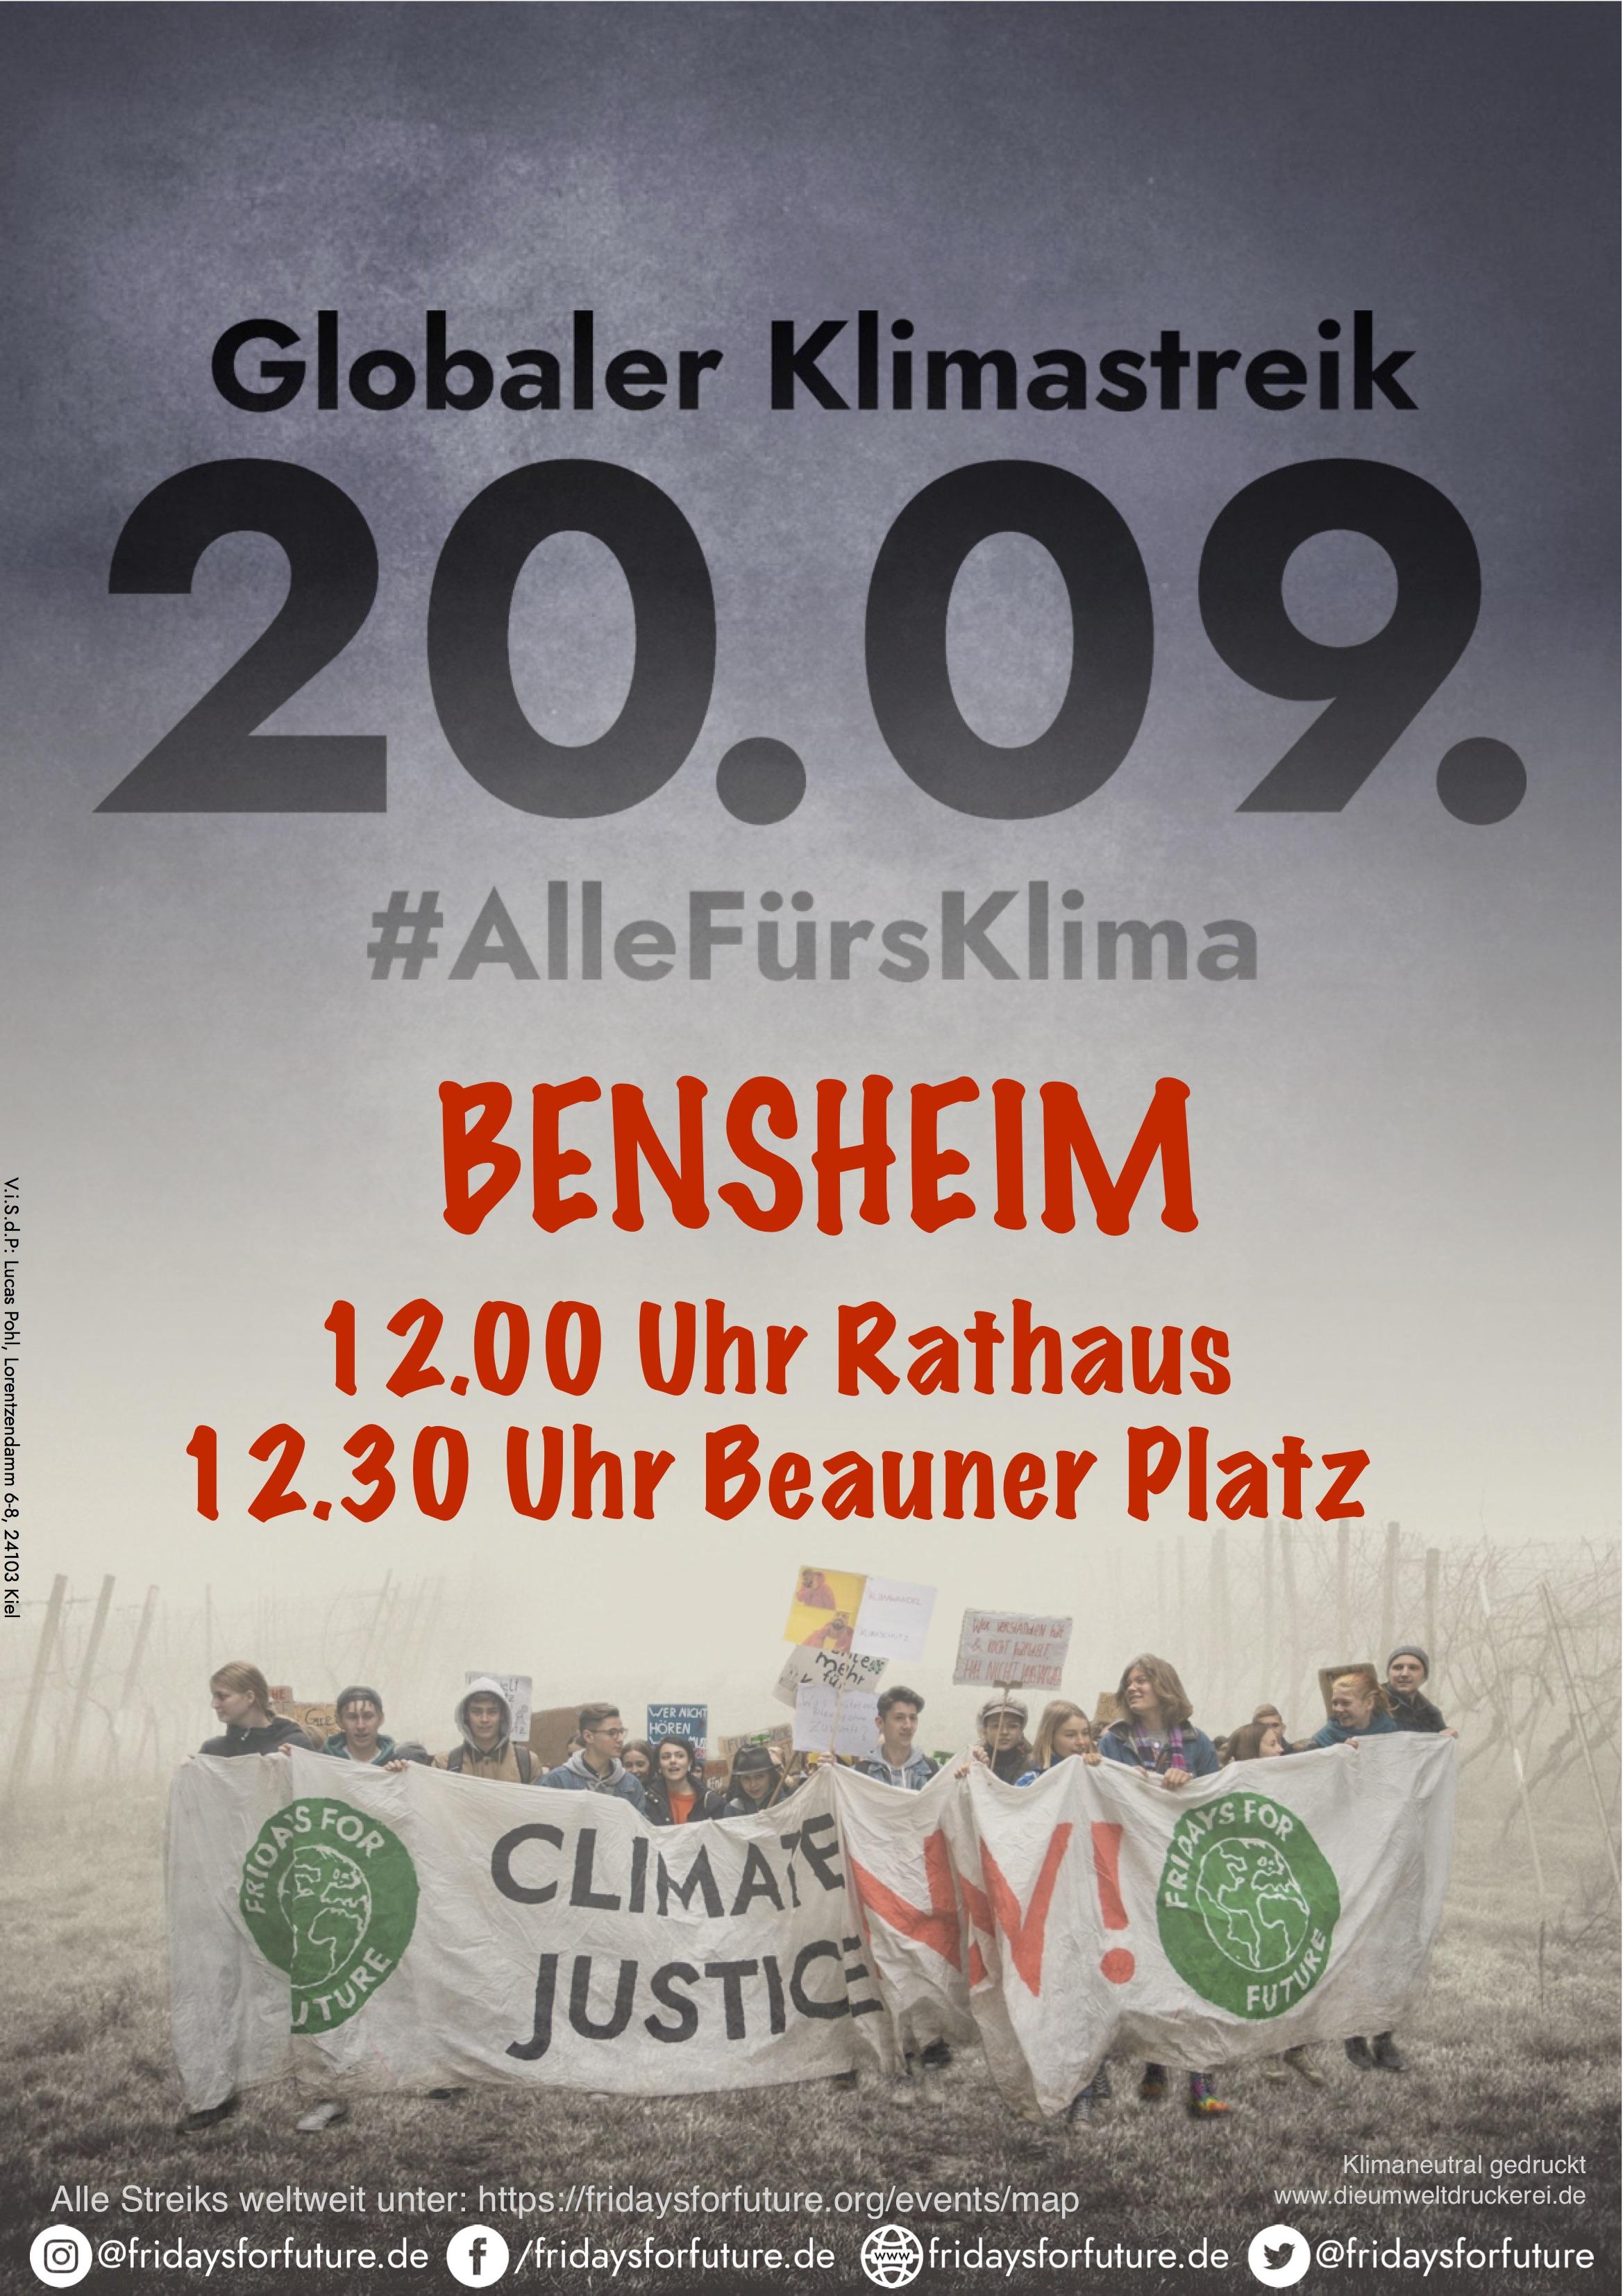 klimastreik-bensheim